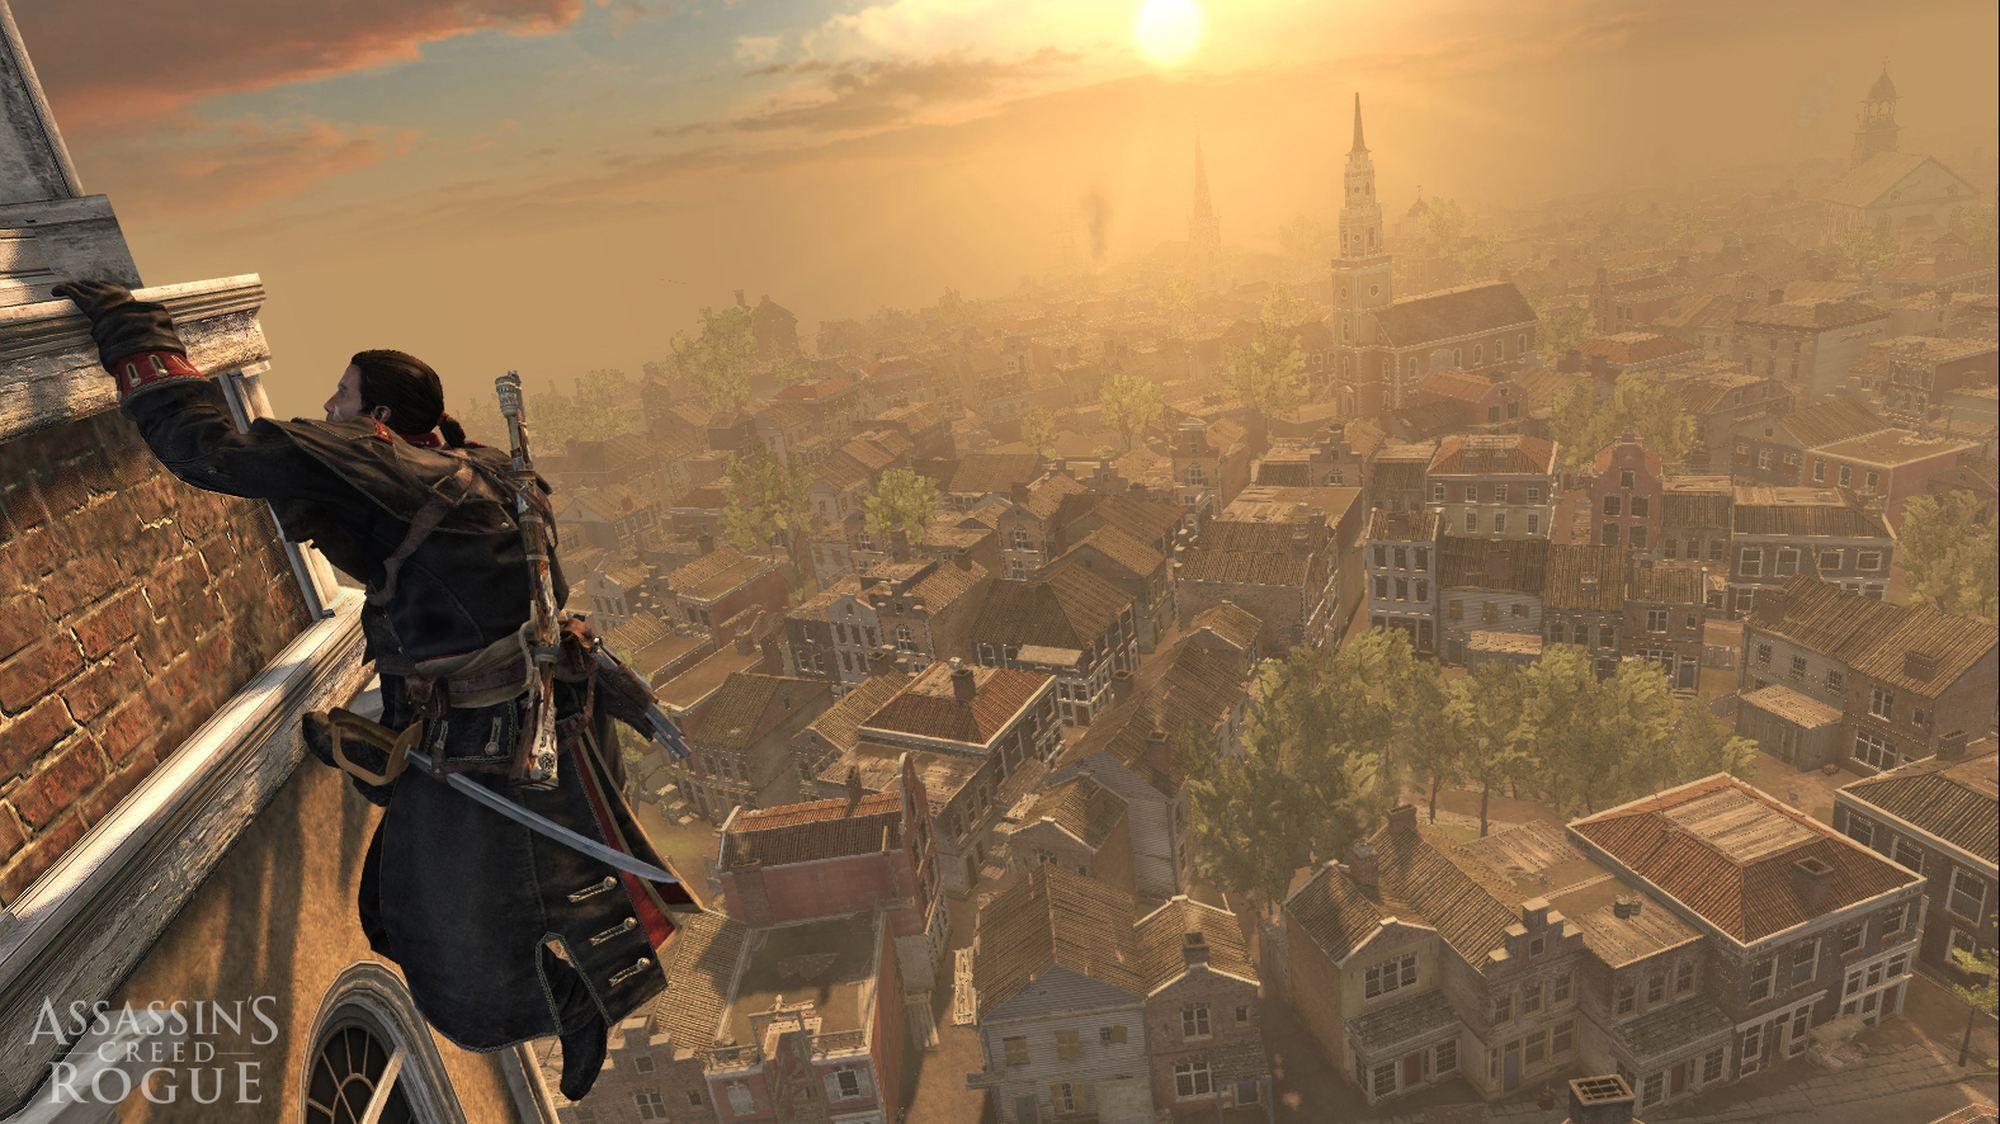 Assassin's Creed Rogue - Essentials (PS3) - 9